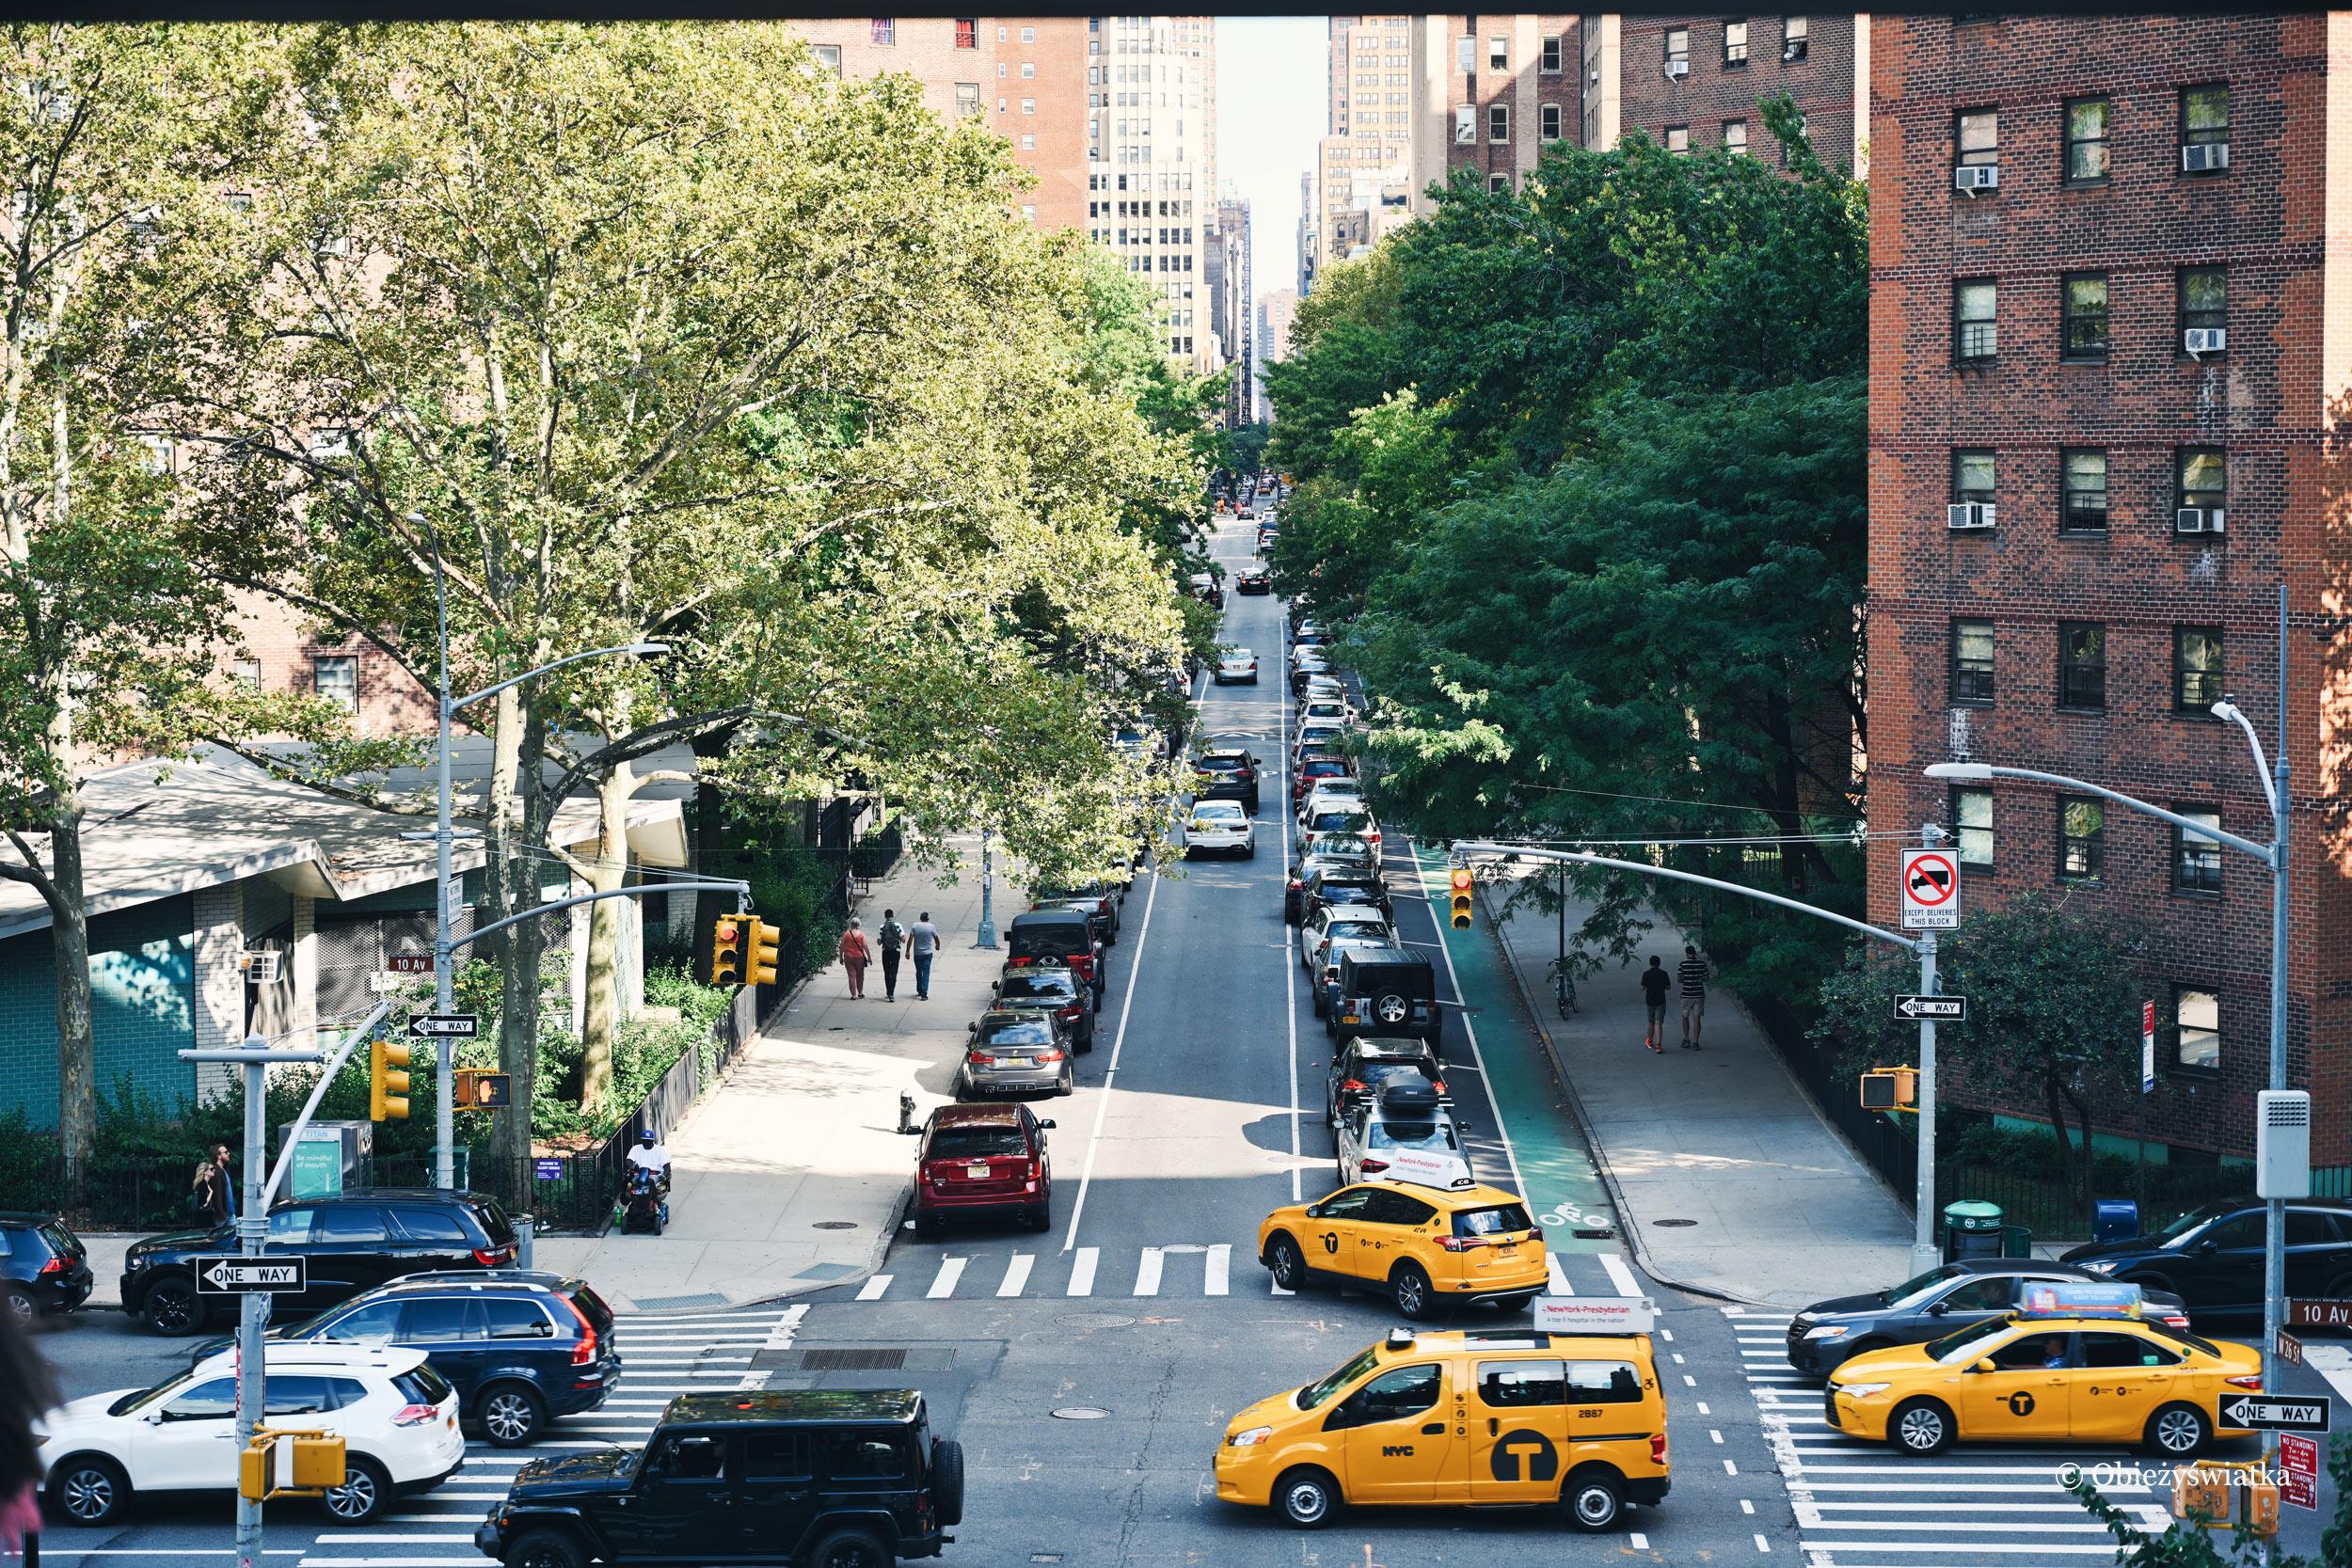 Żółte taksówki - Nowy Jork